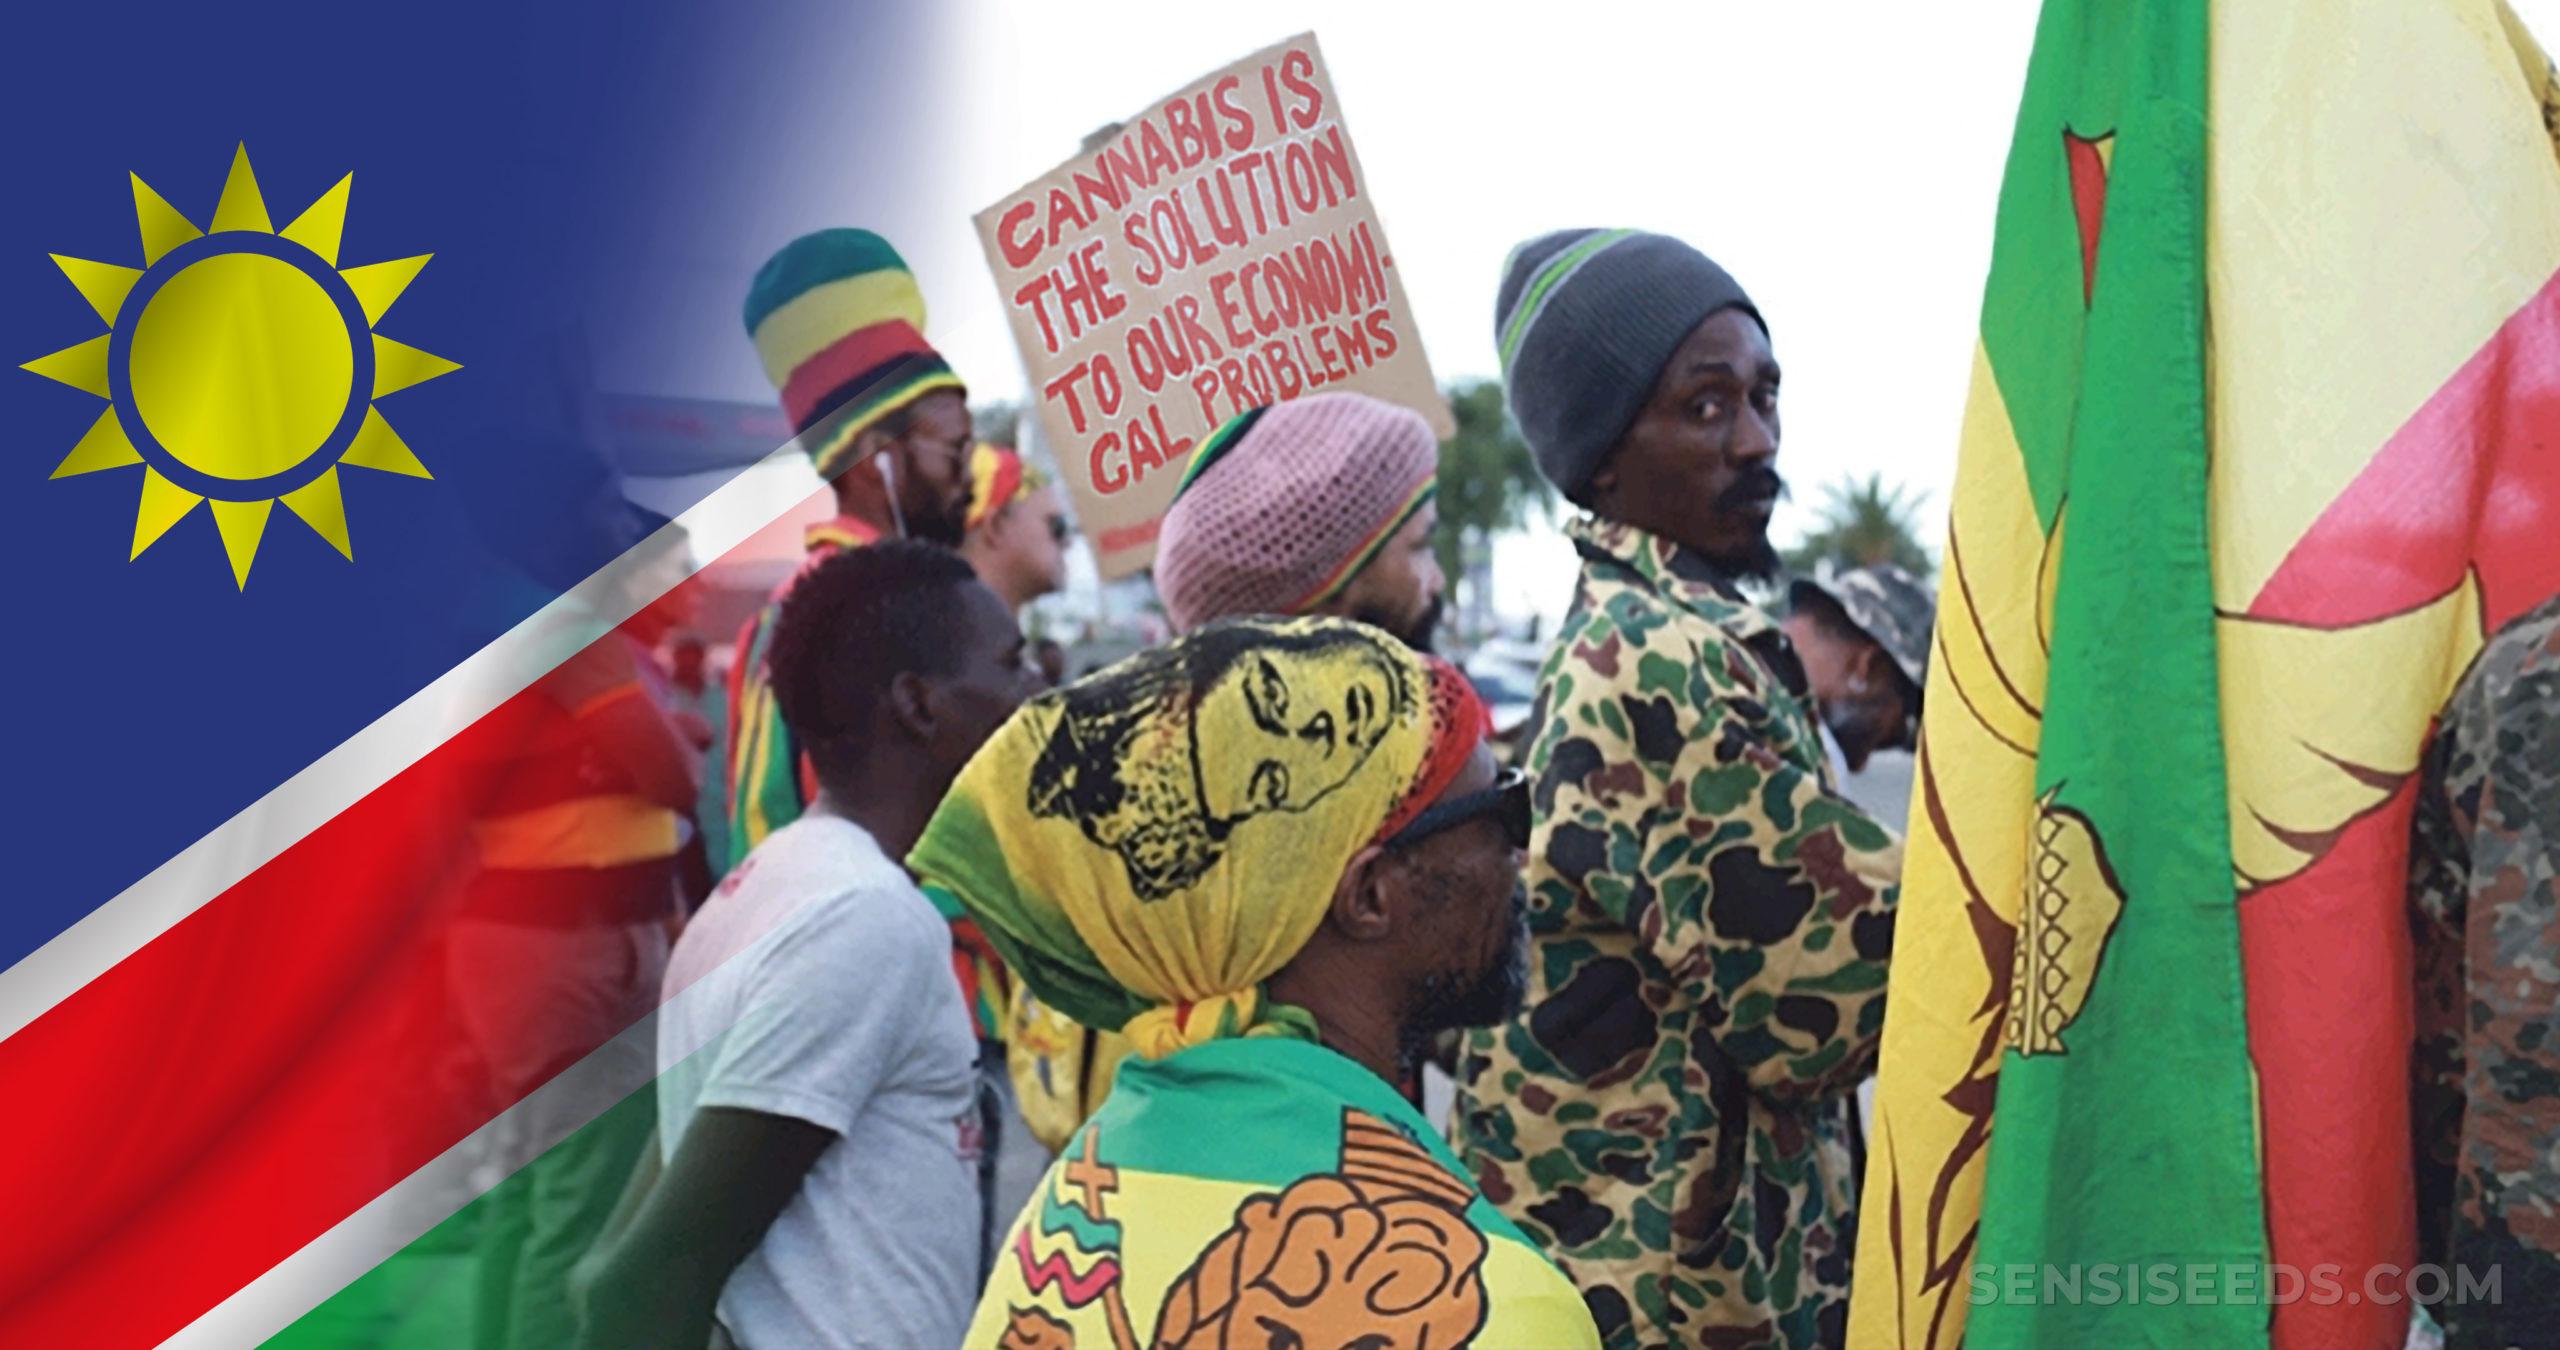 La bandera de Namibia y una protesta por la legalización de cannabis.